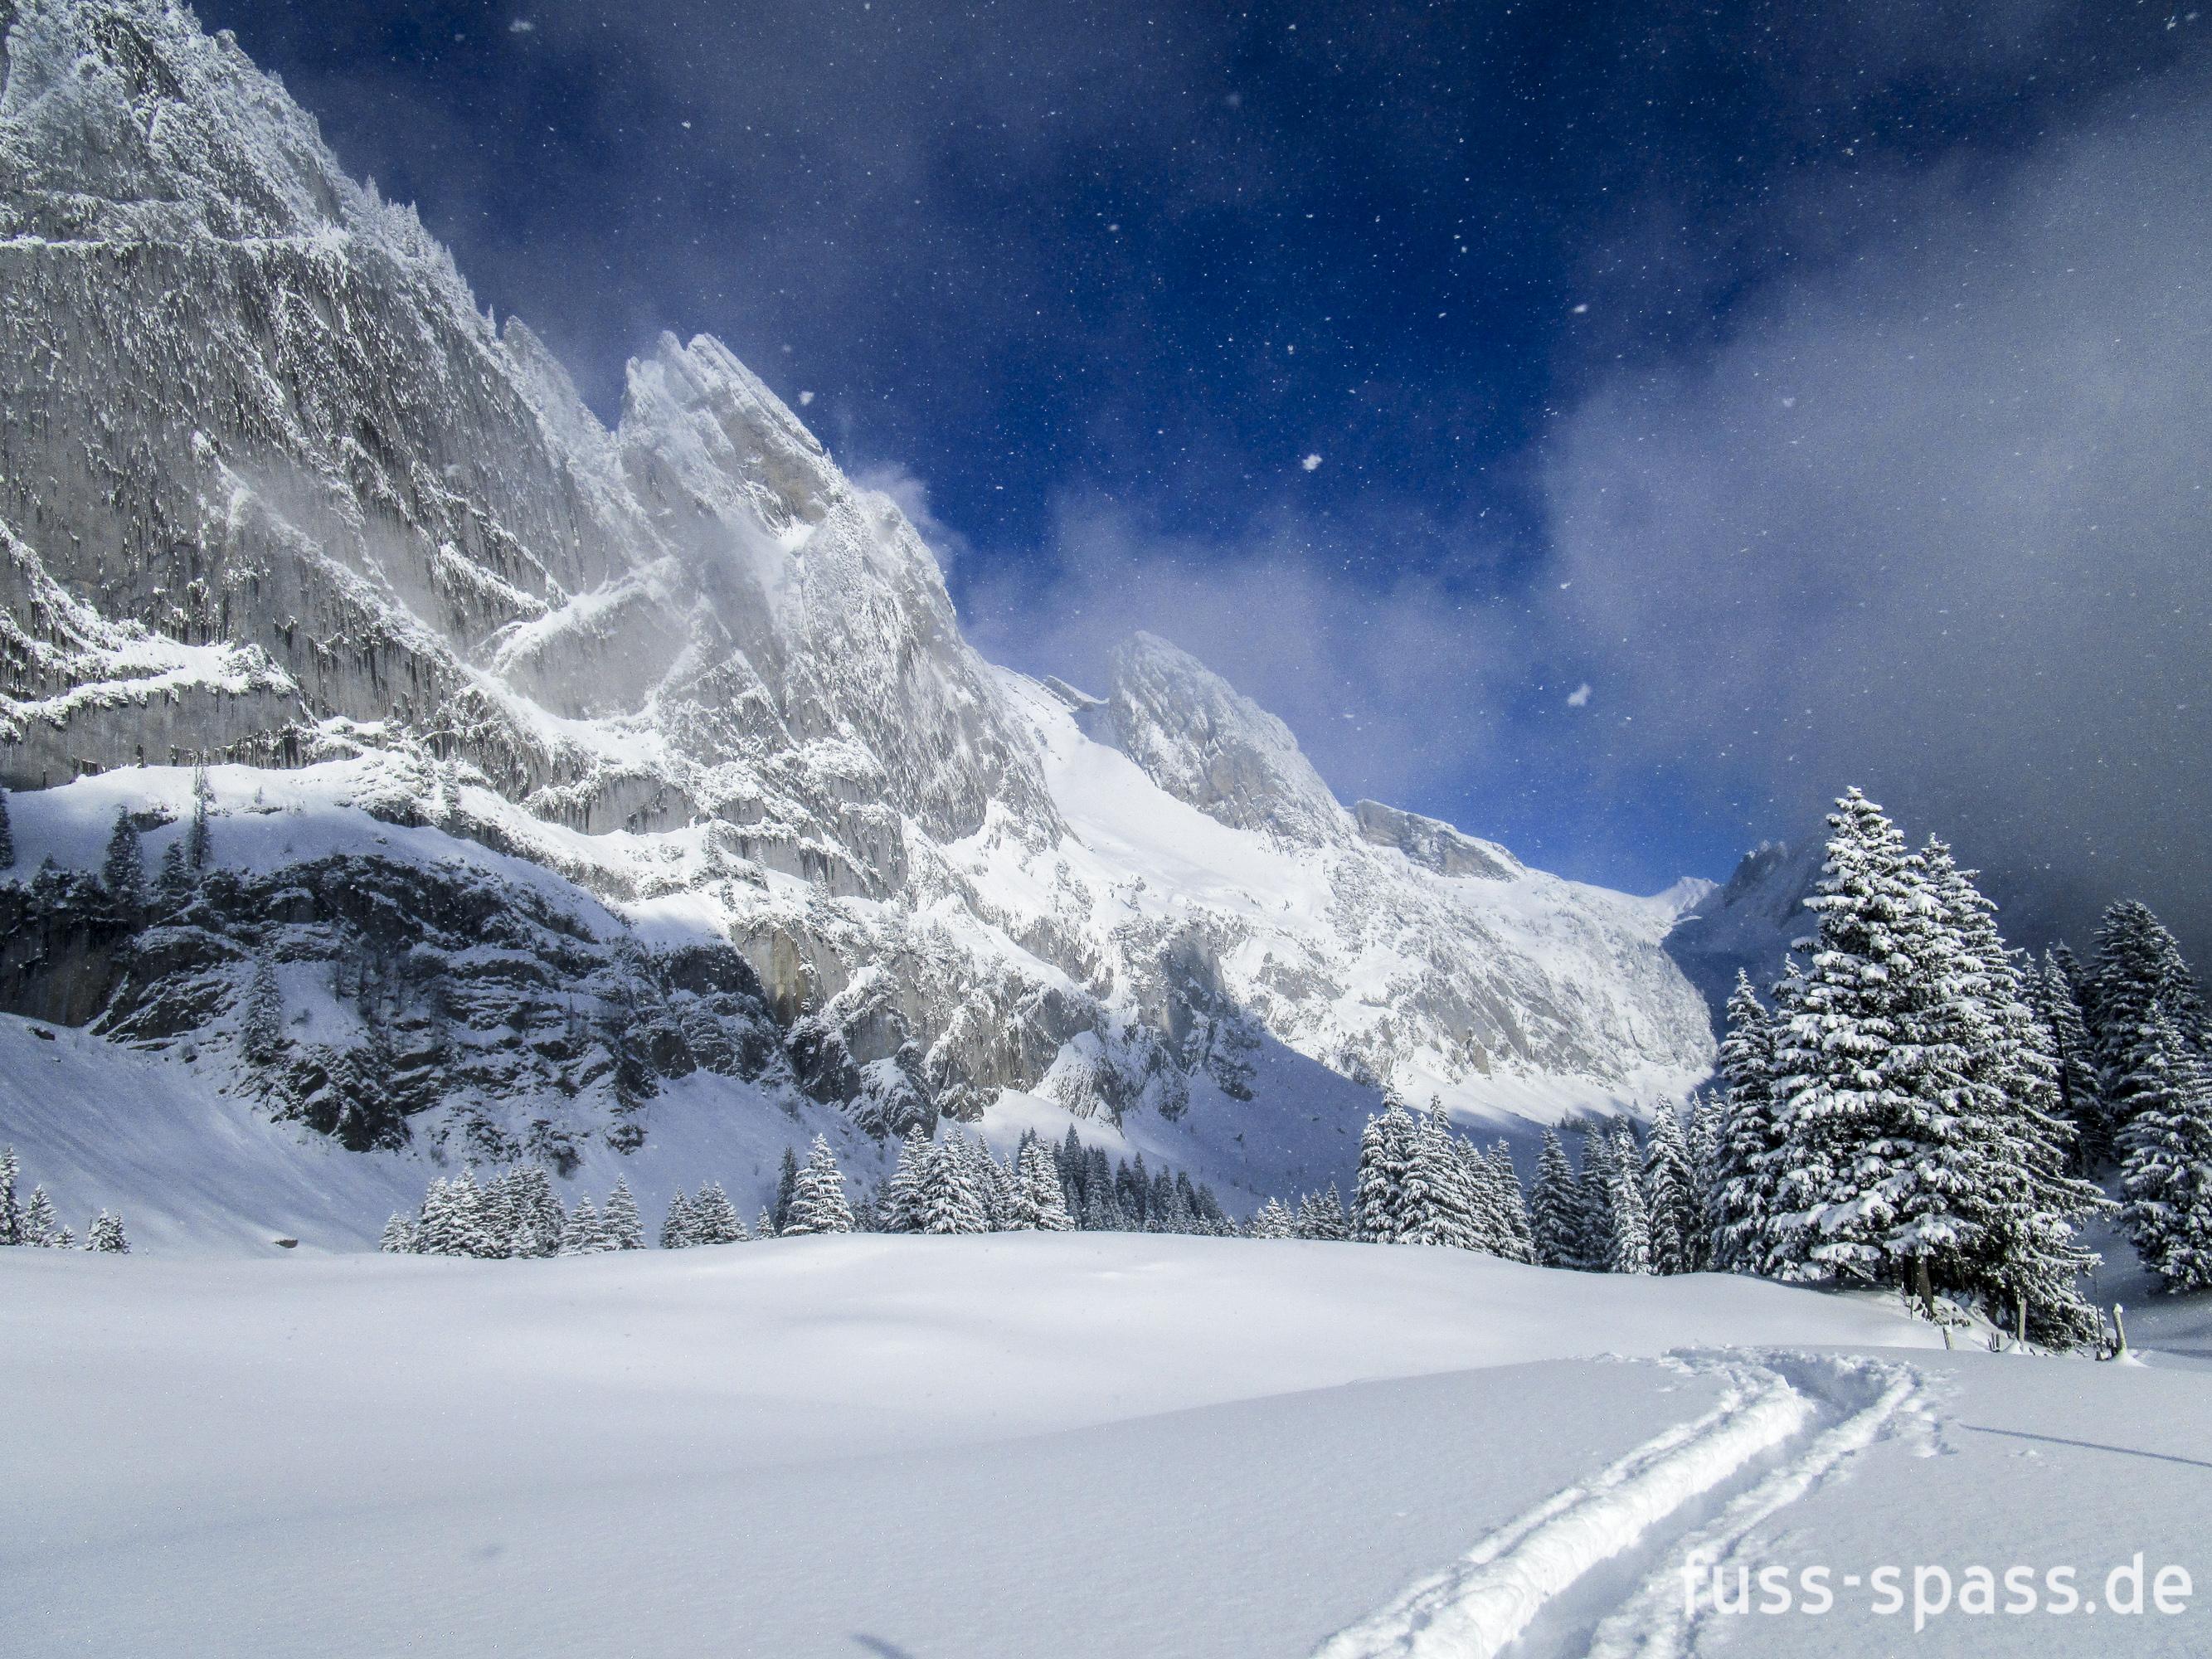 Bild der Woche: Wandern in einer Schneekugel